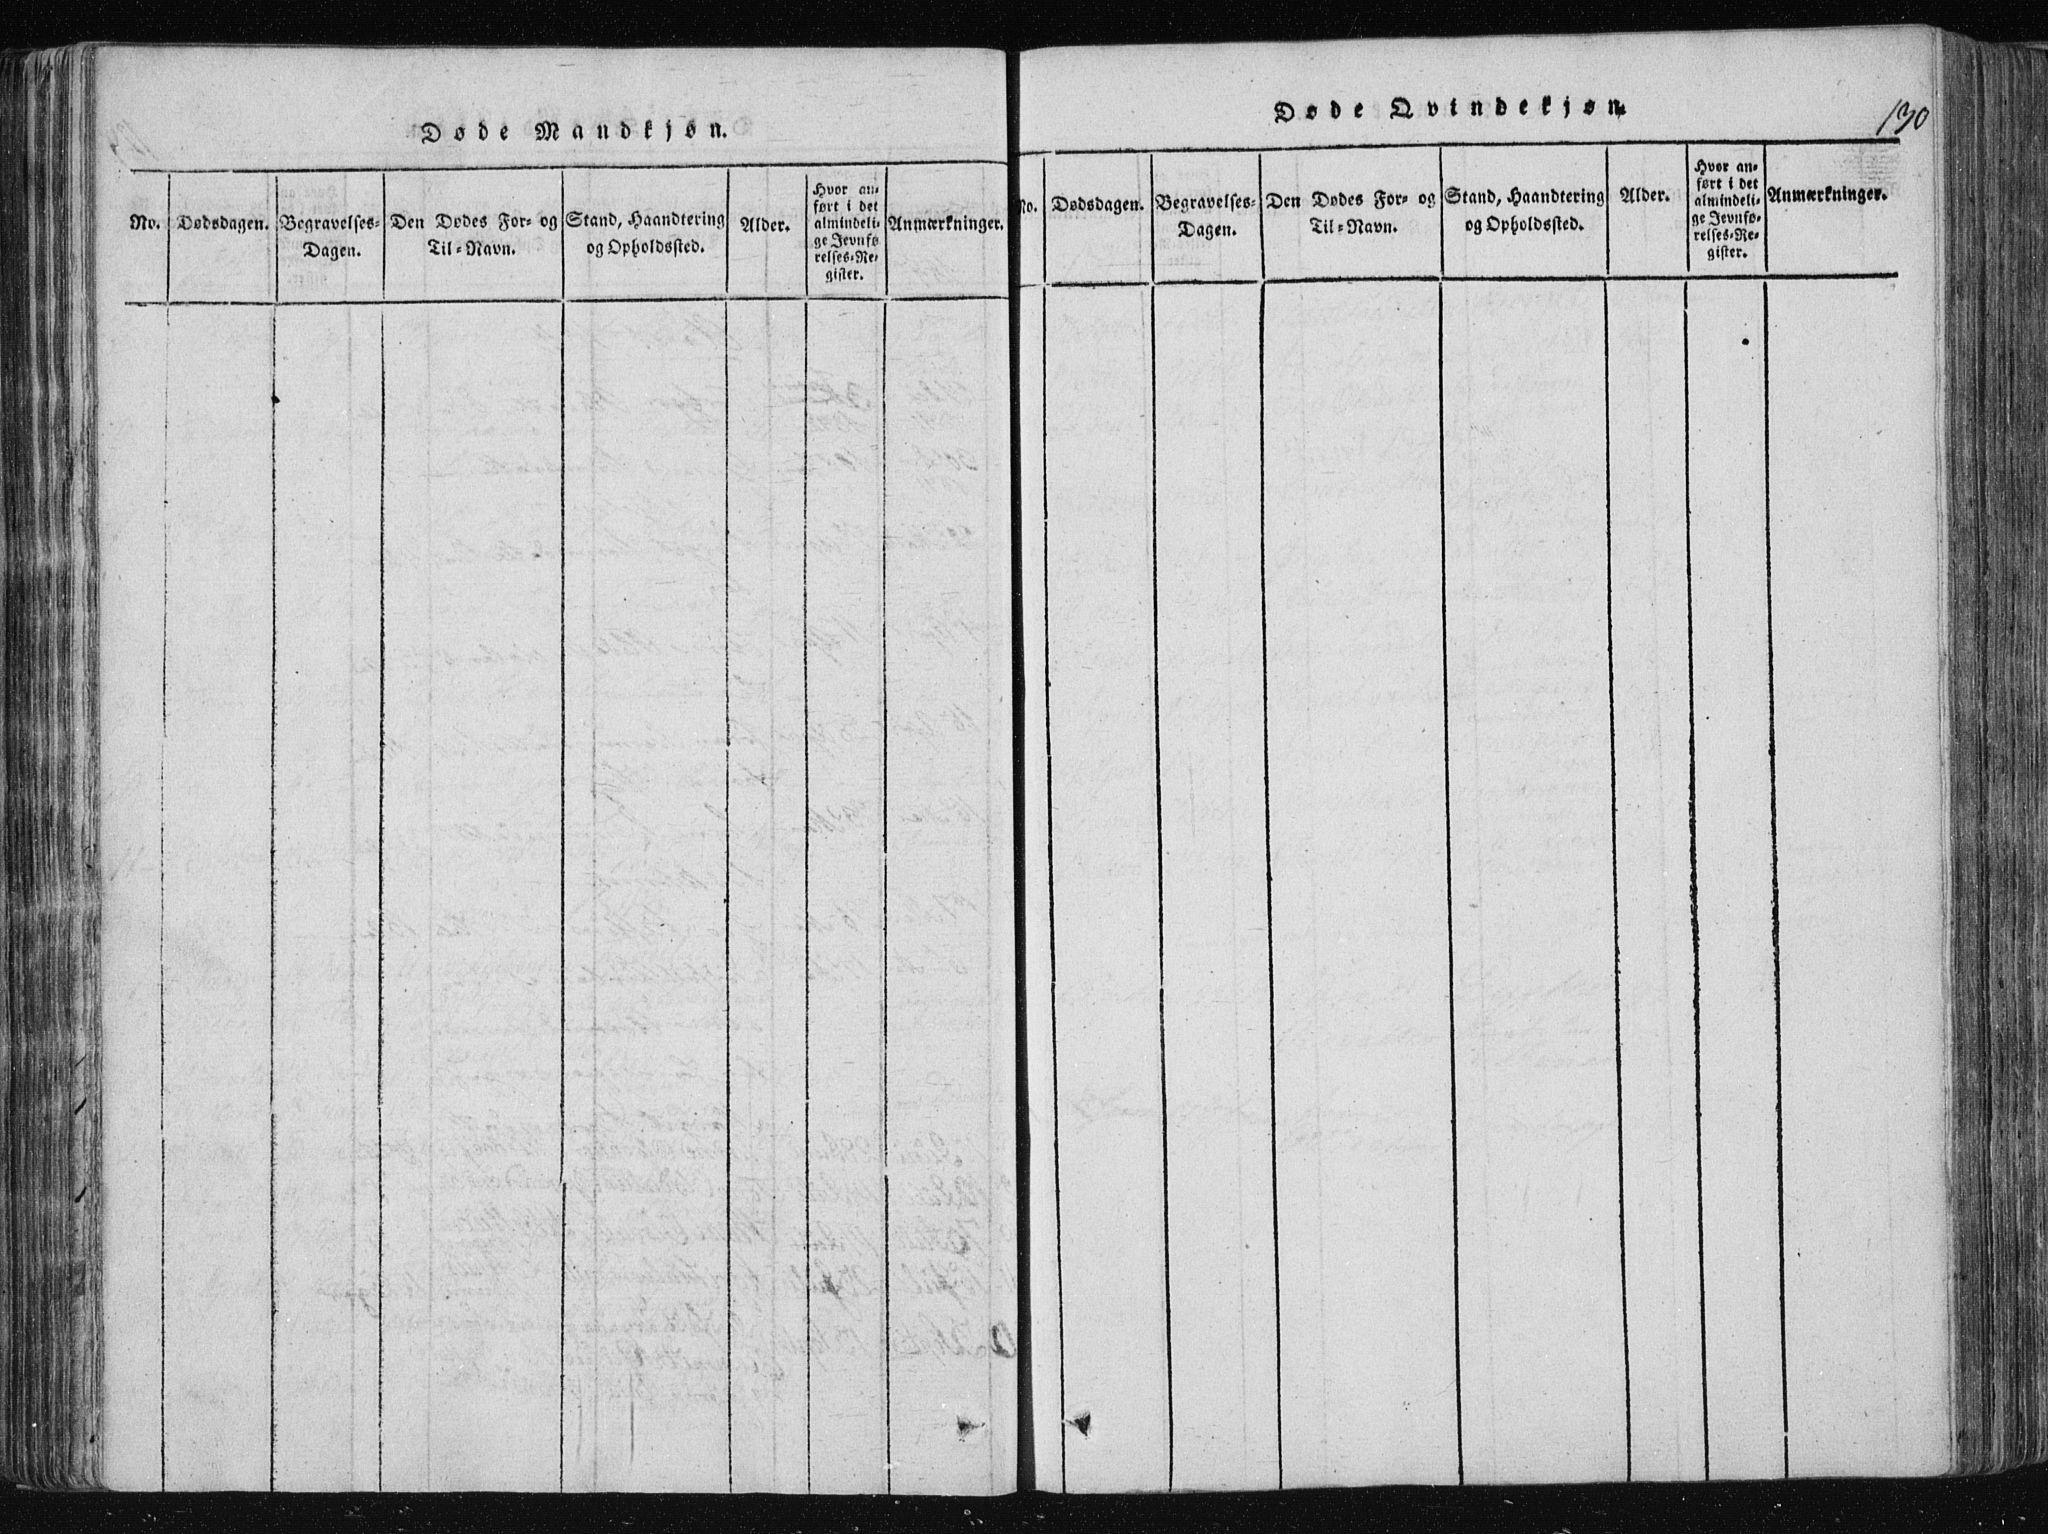 SAKO, Vinje kirkebøker, F/Fa/L0003: Ministerialbok nr. I 3, 1814-1843, s. 130